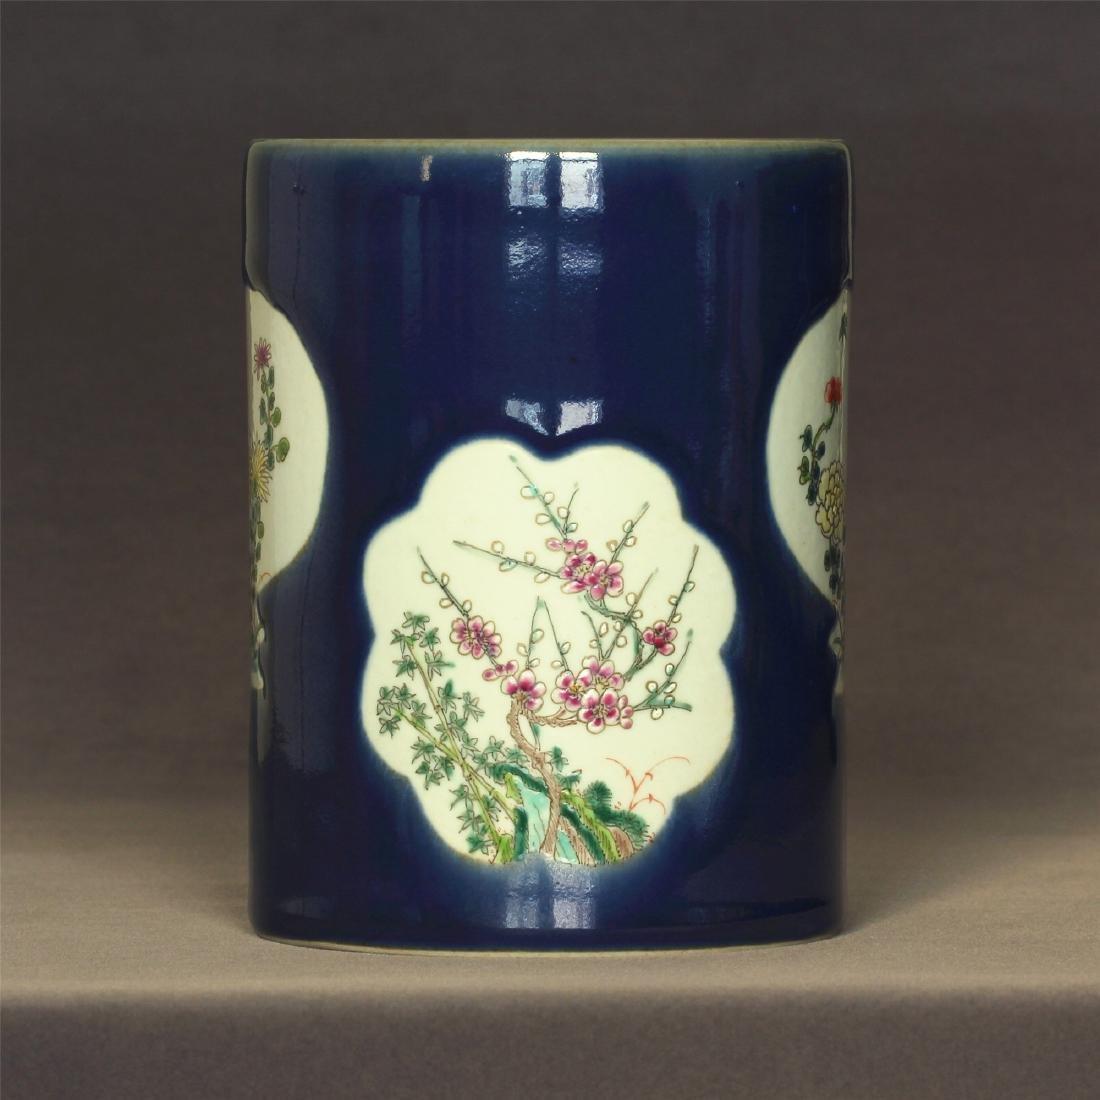 Blue glaze and famille rose porcelain brush pot  of